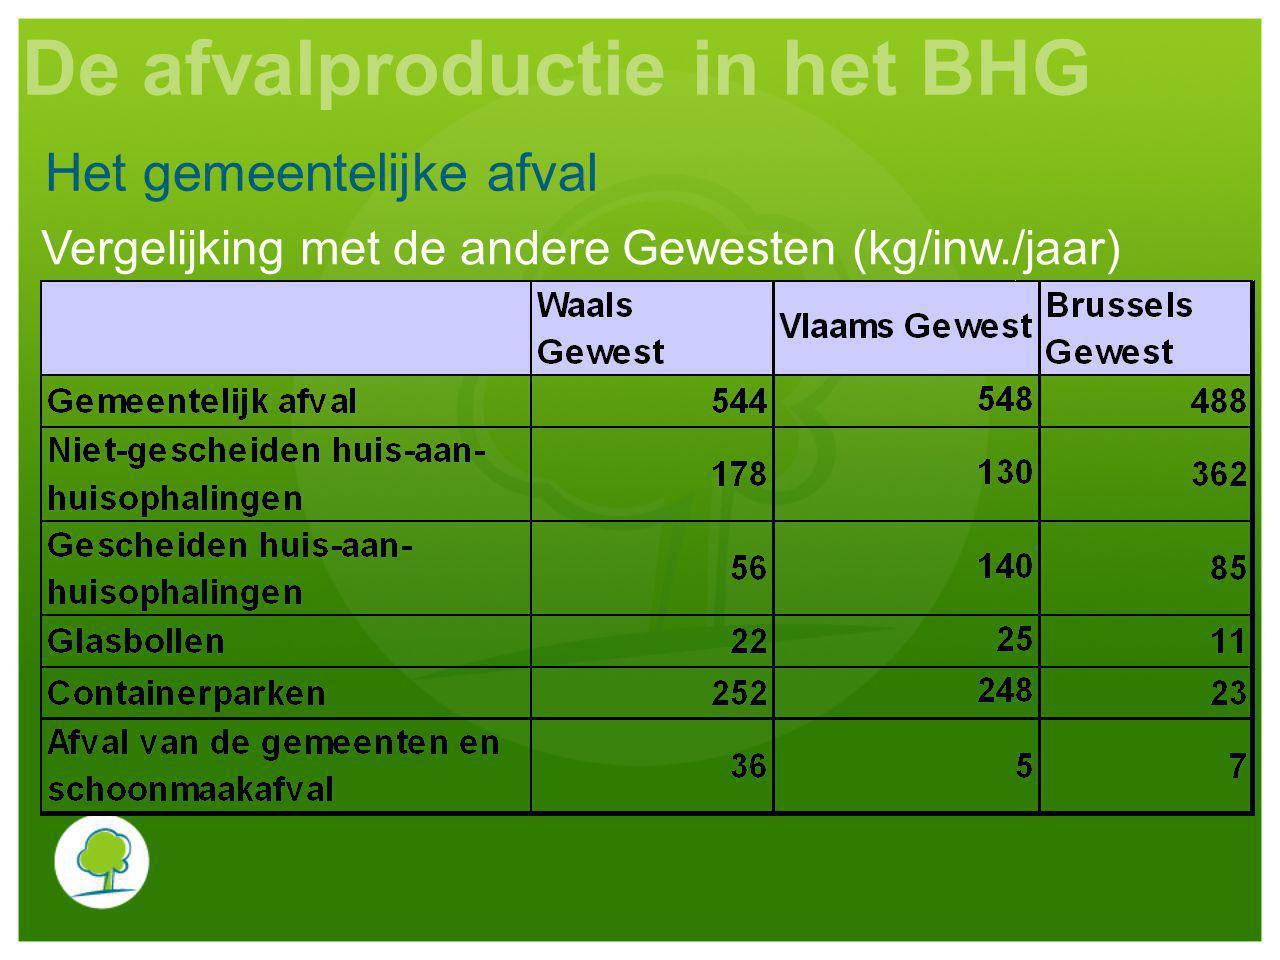 Vergelijking met de andere Gewesten (kg/inw./jaar) Het gemeentelijke afval De afvalproductie in het BHG